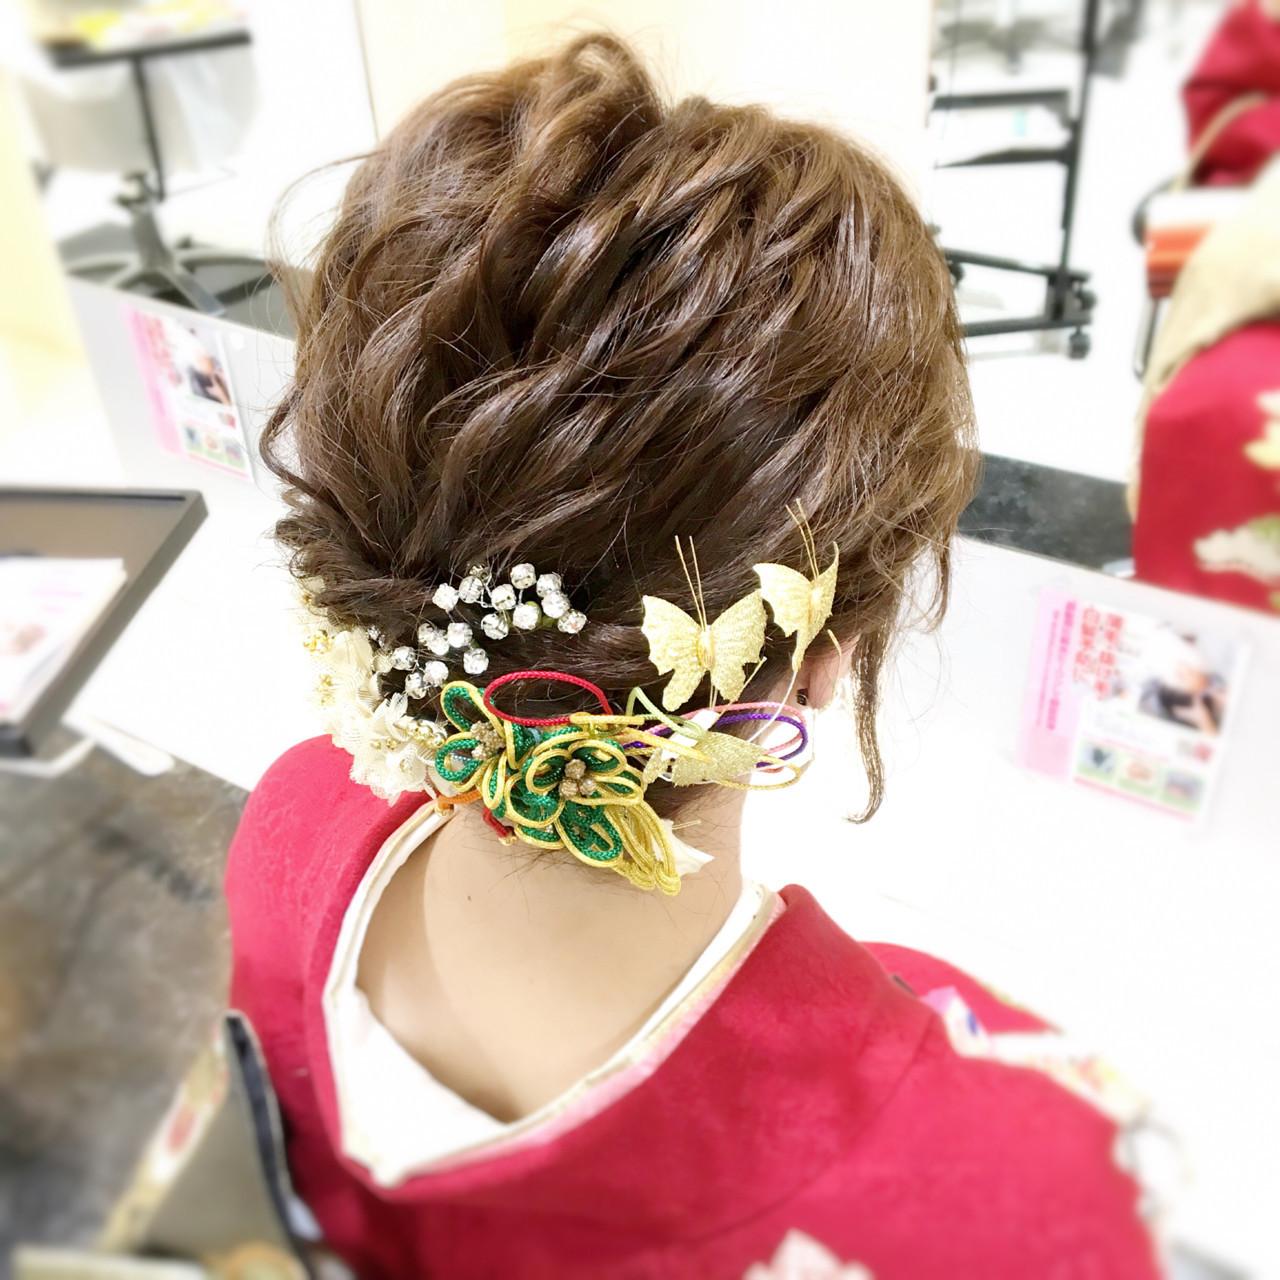 振袖 ヘアアレンジ 成人式 ショート ヘアスタイルや髪型の写真・画像